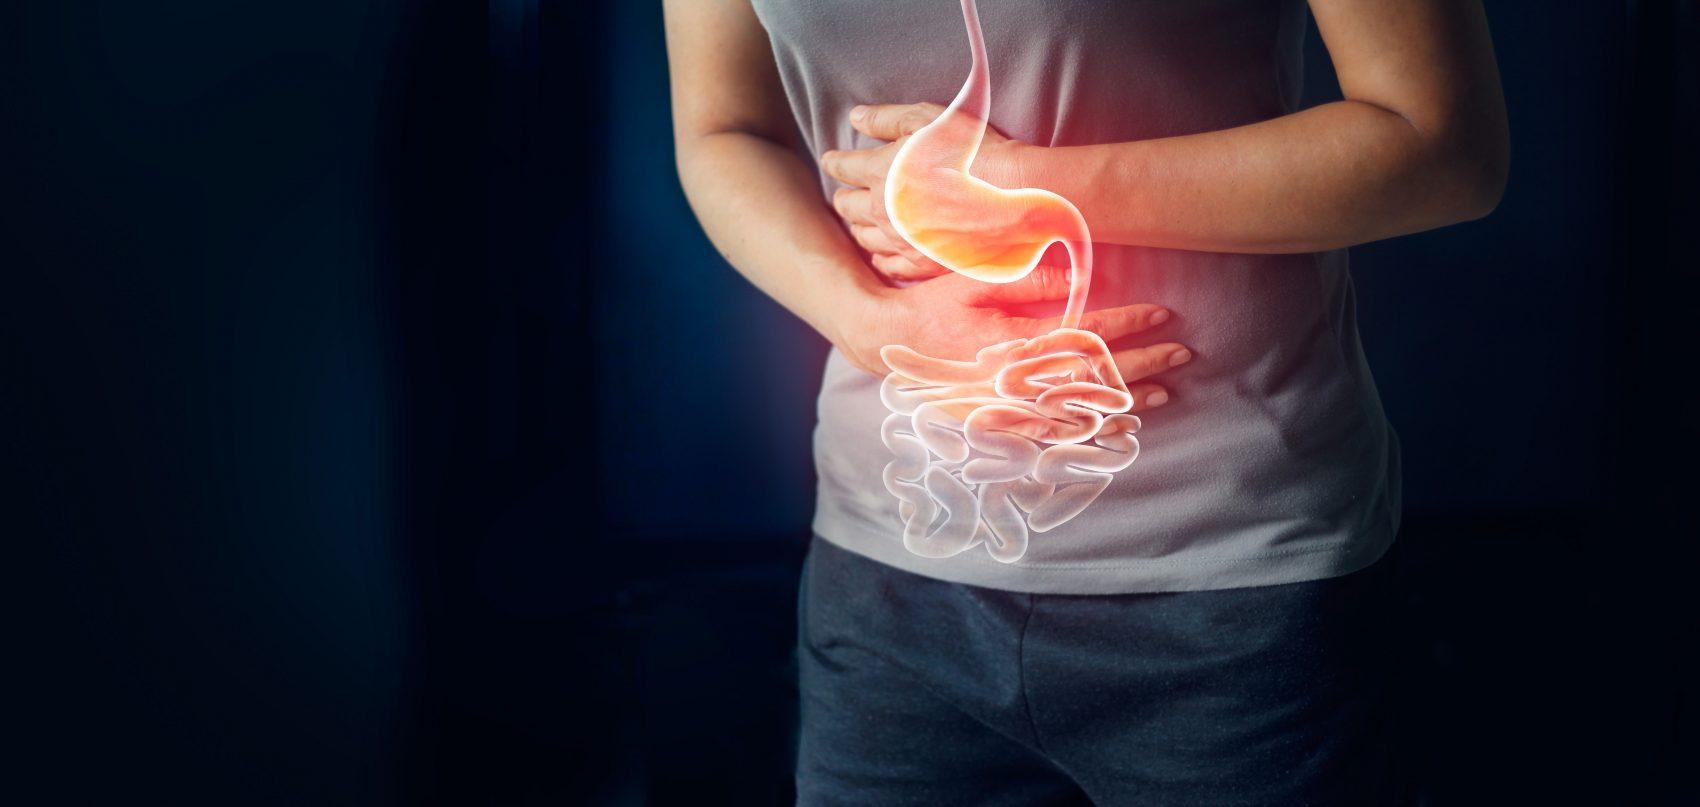 doença inflamatória intestinal e colite ulcerosa